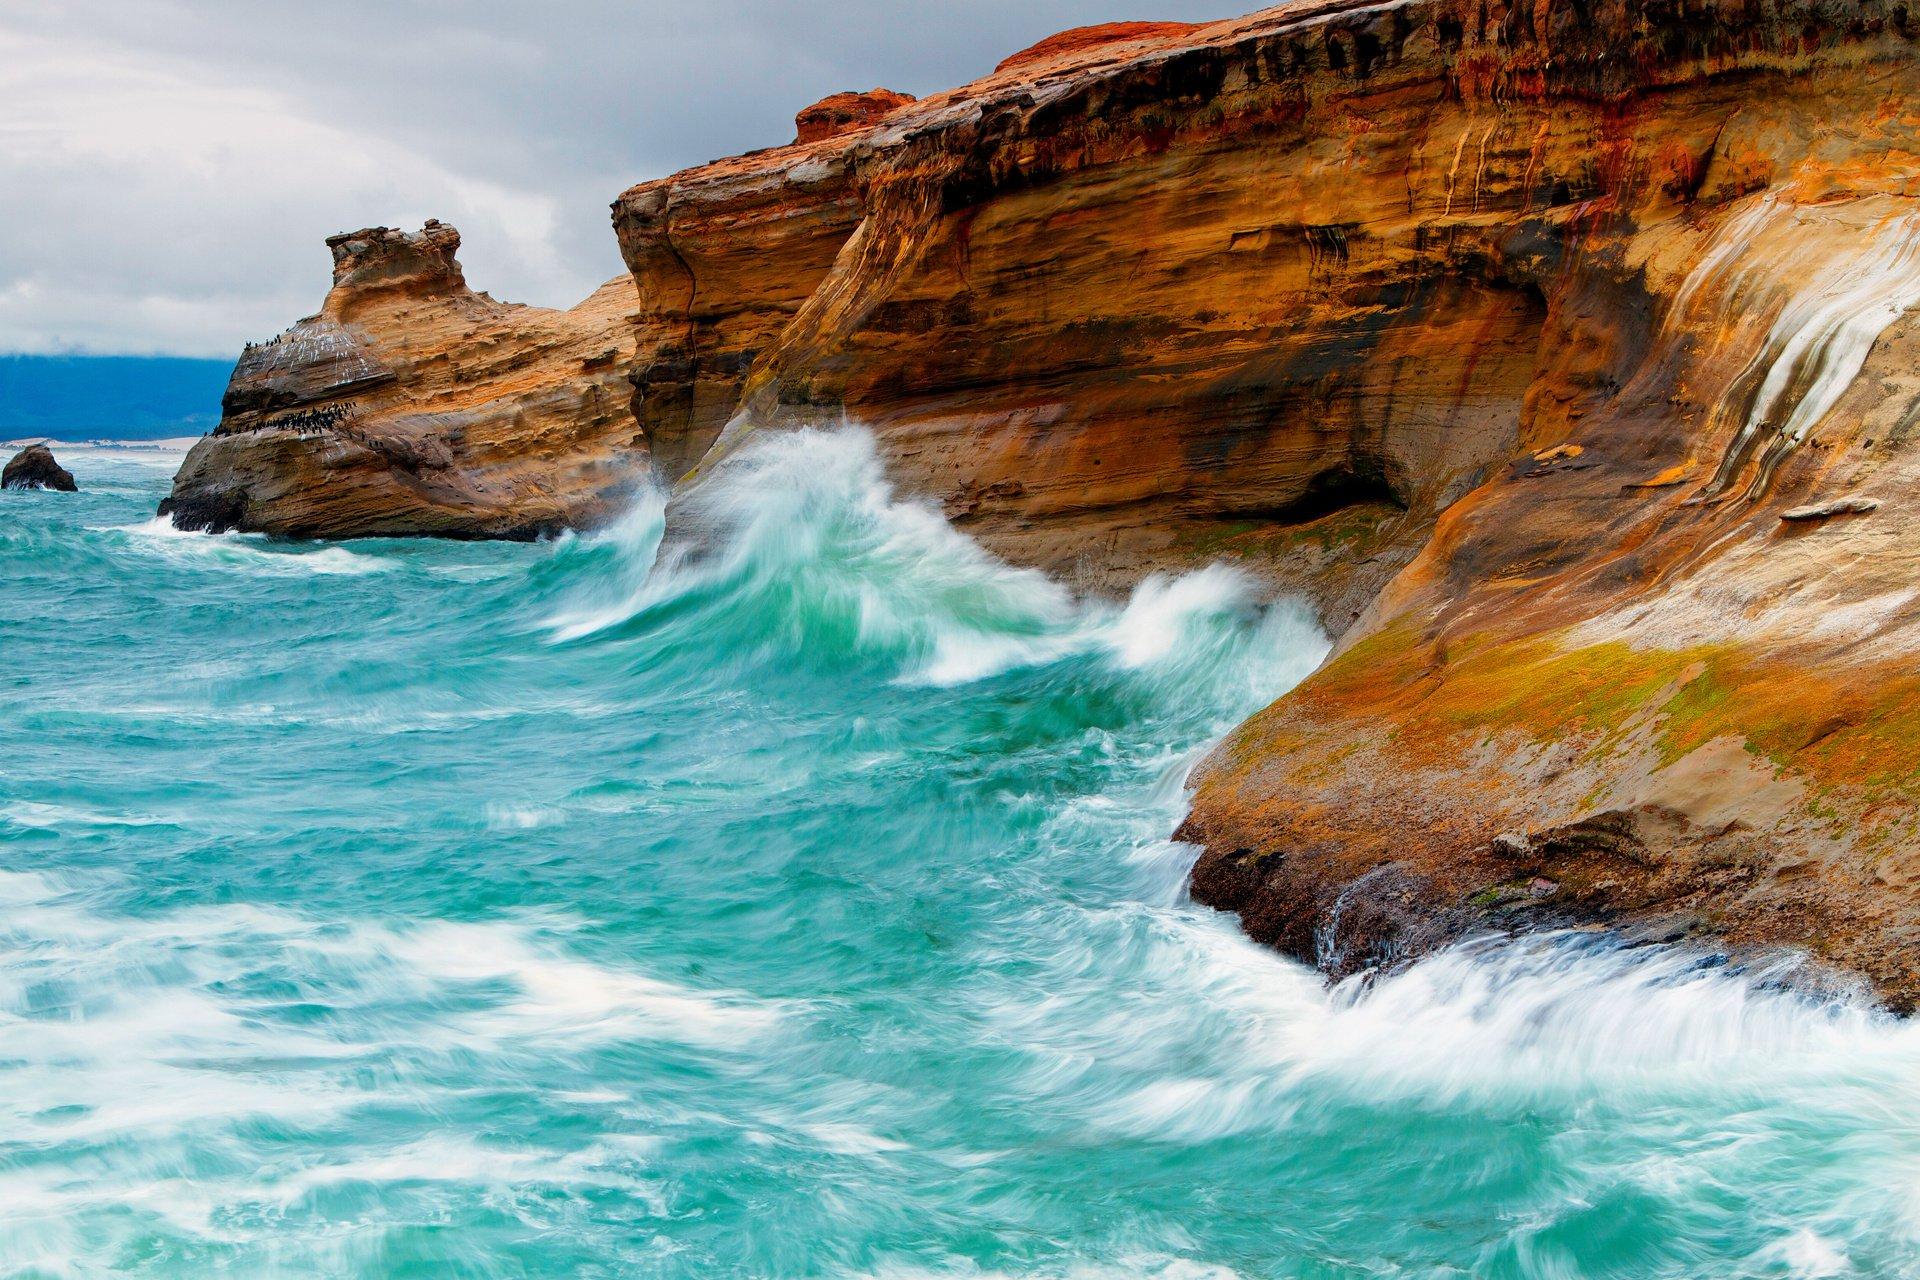 hình ảnh sóng biển đẹp nhất